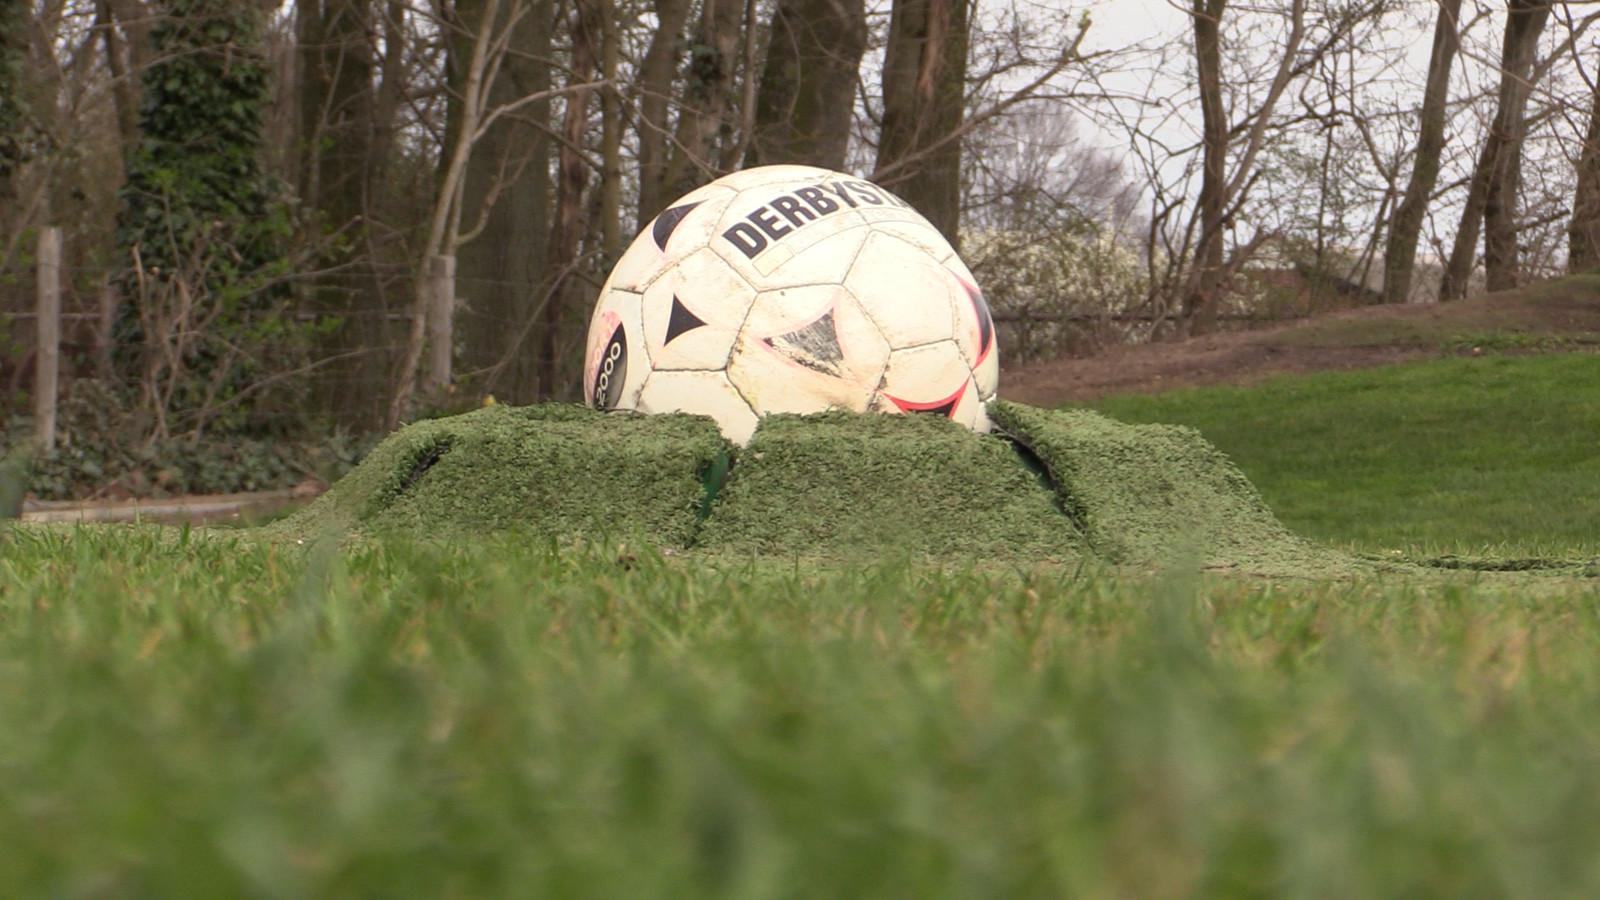 De voetbaluitvindingen van vader Harrie en zijn trotse zoons. Hier zien we de bal die vanuit de grond naar boven komt.